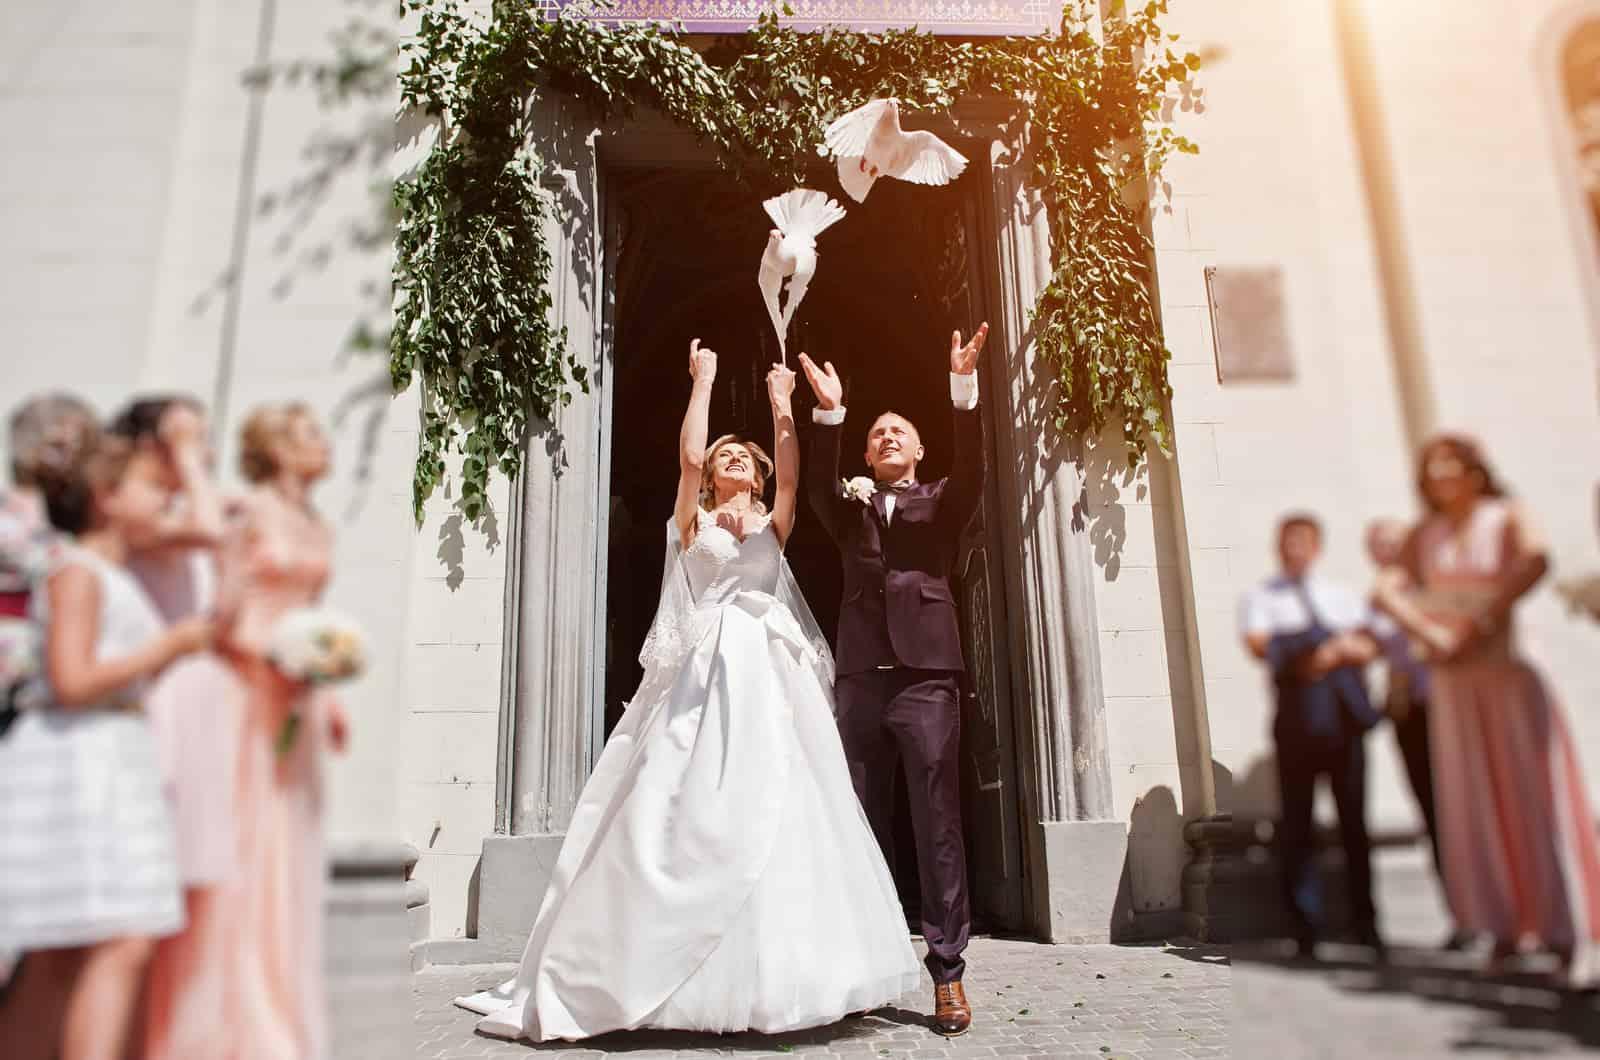 Braut und Bräutigam lassen Hochzeitstauben frei